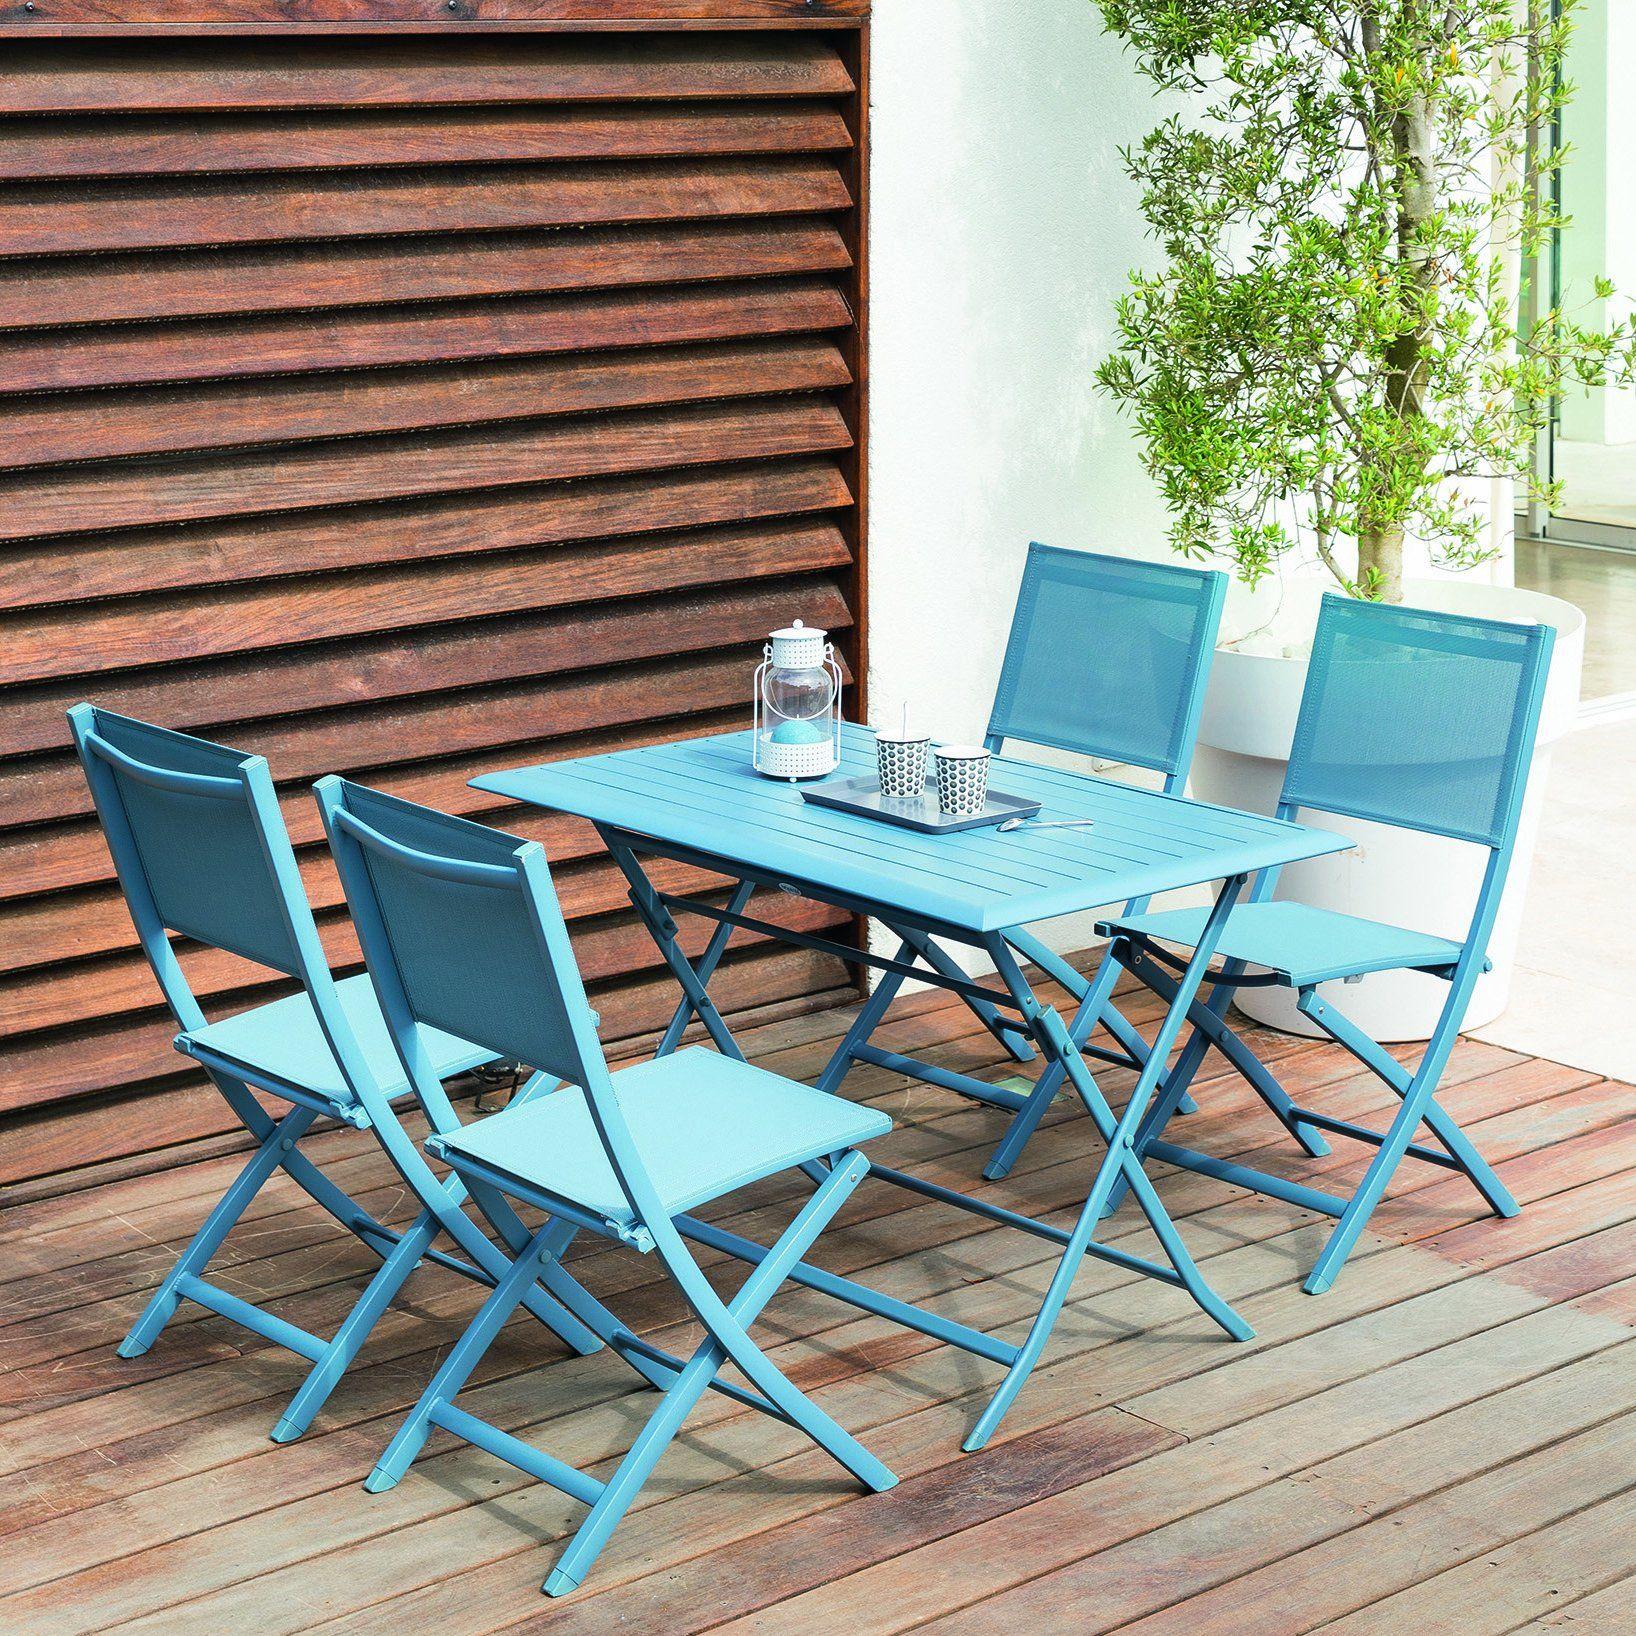 Table de jardin bleu turquoise pour 4 personnes | Table de ...